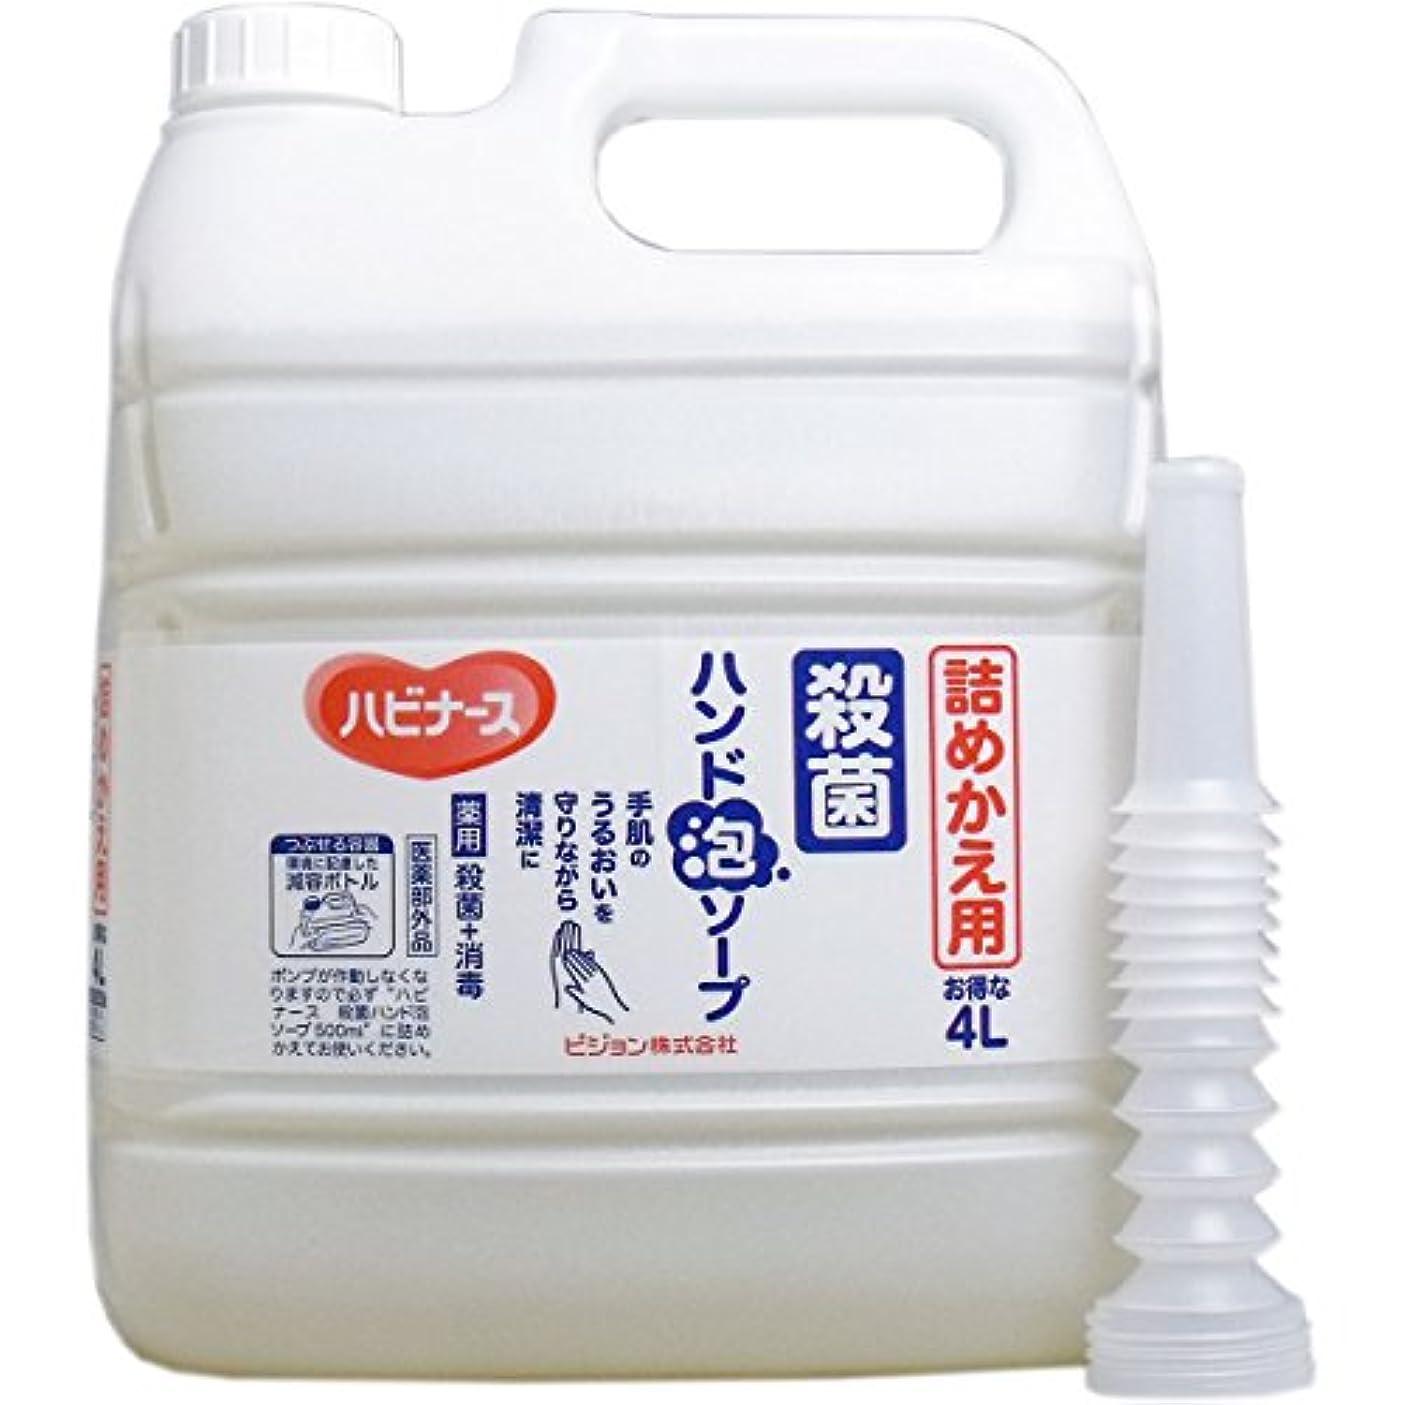 素敵な展開するダーリンピジョン ハビナース 殺菌ハンド泡ソープ 詰替用 4L